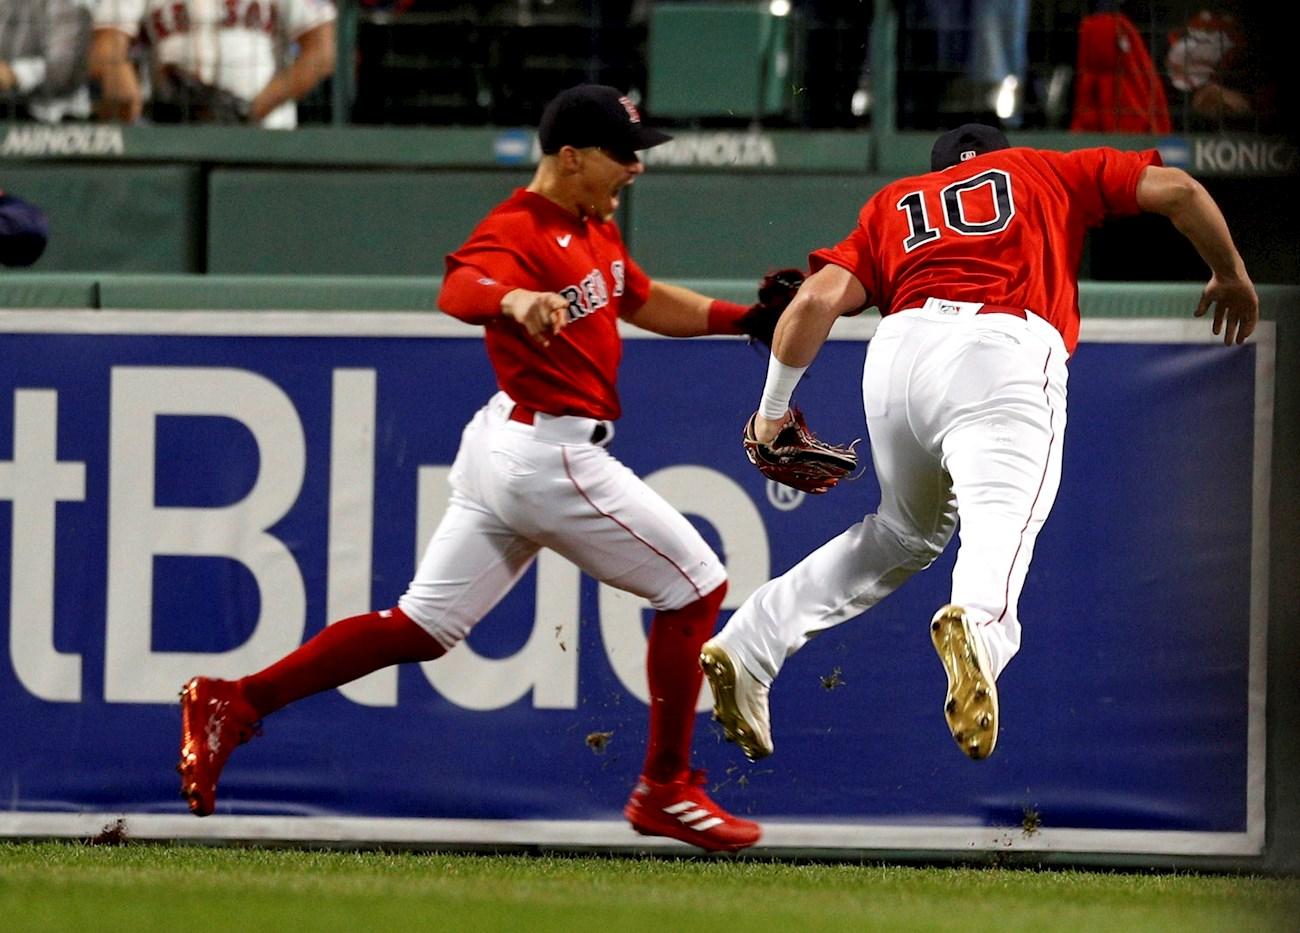 Resultados delos Playoffsde este lunes en la MLBResultados delos Playoffsde este lunes en la MLB